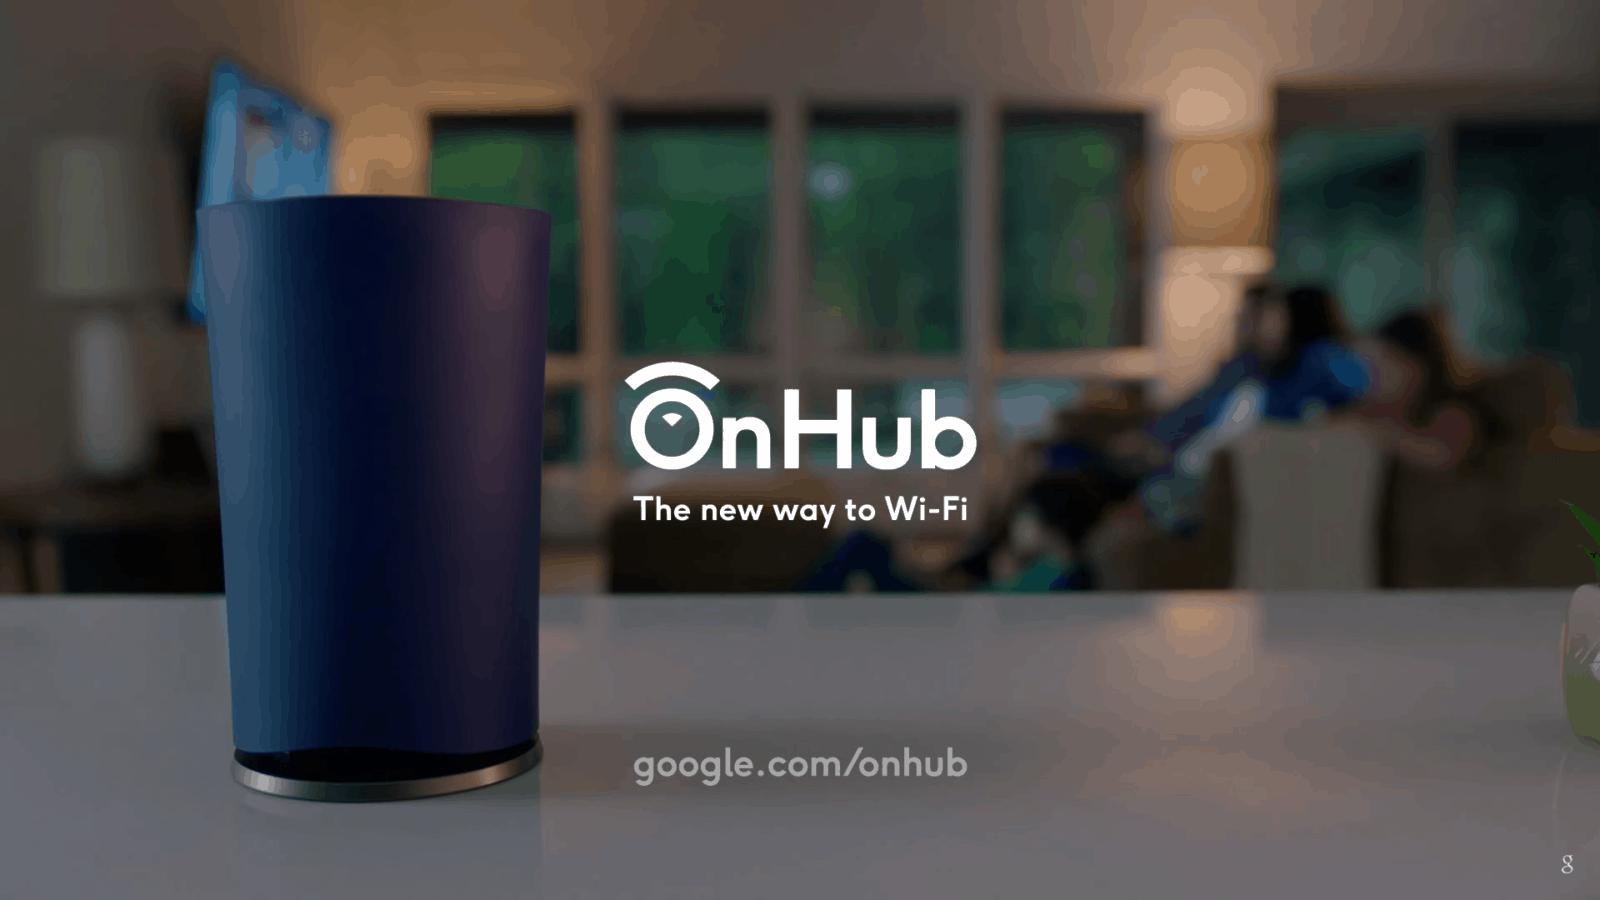 OnHub